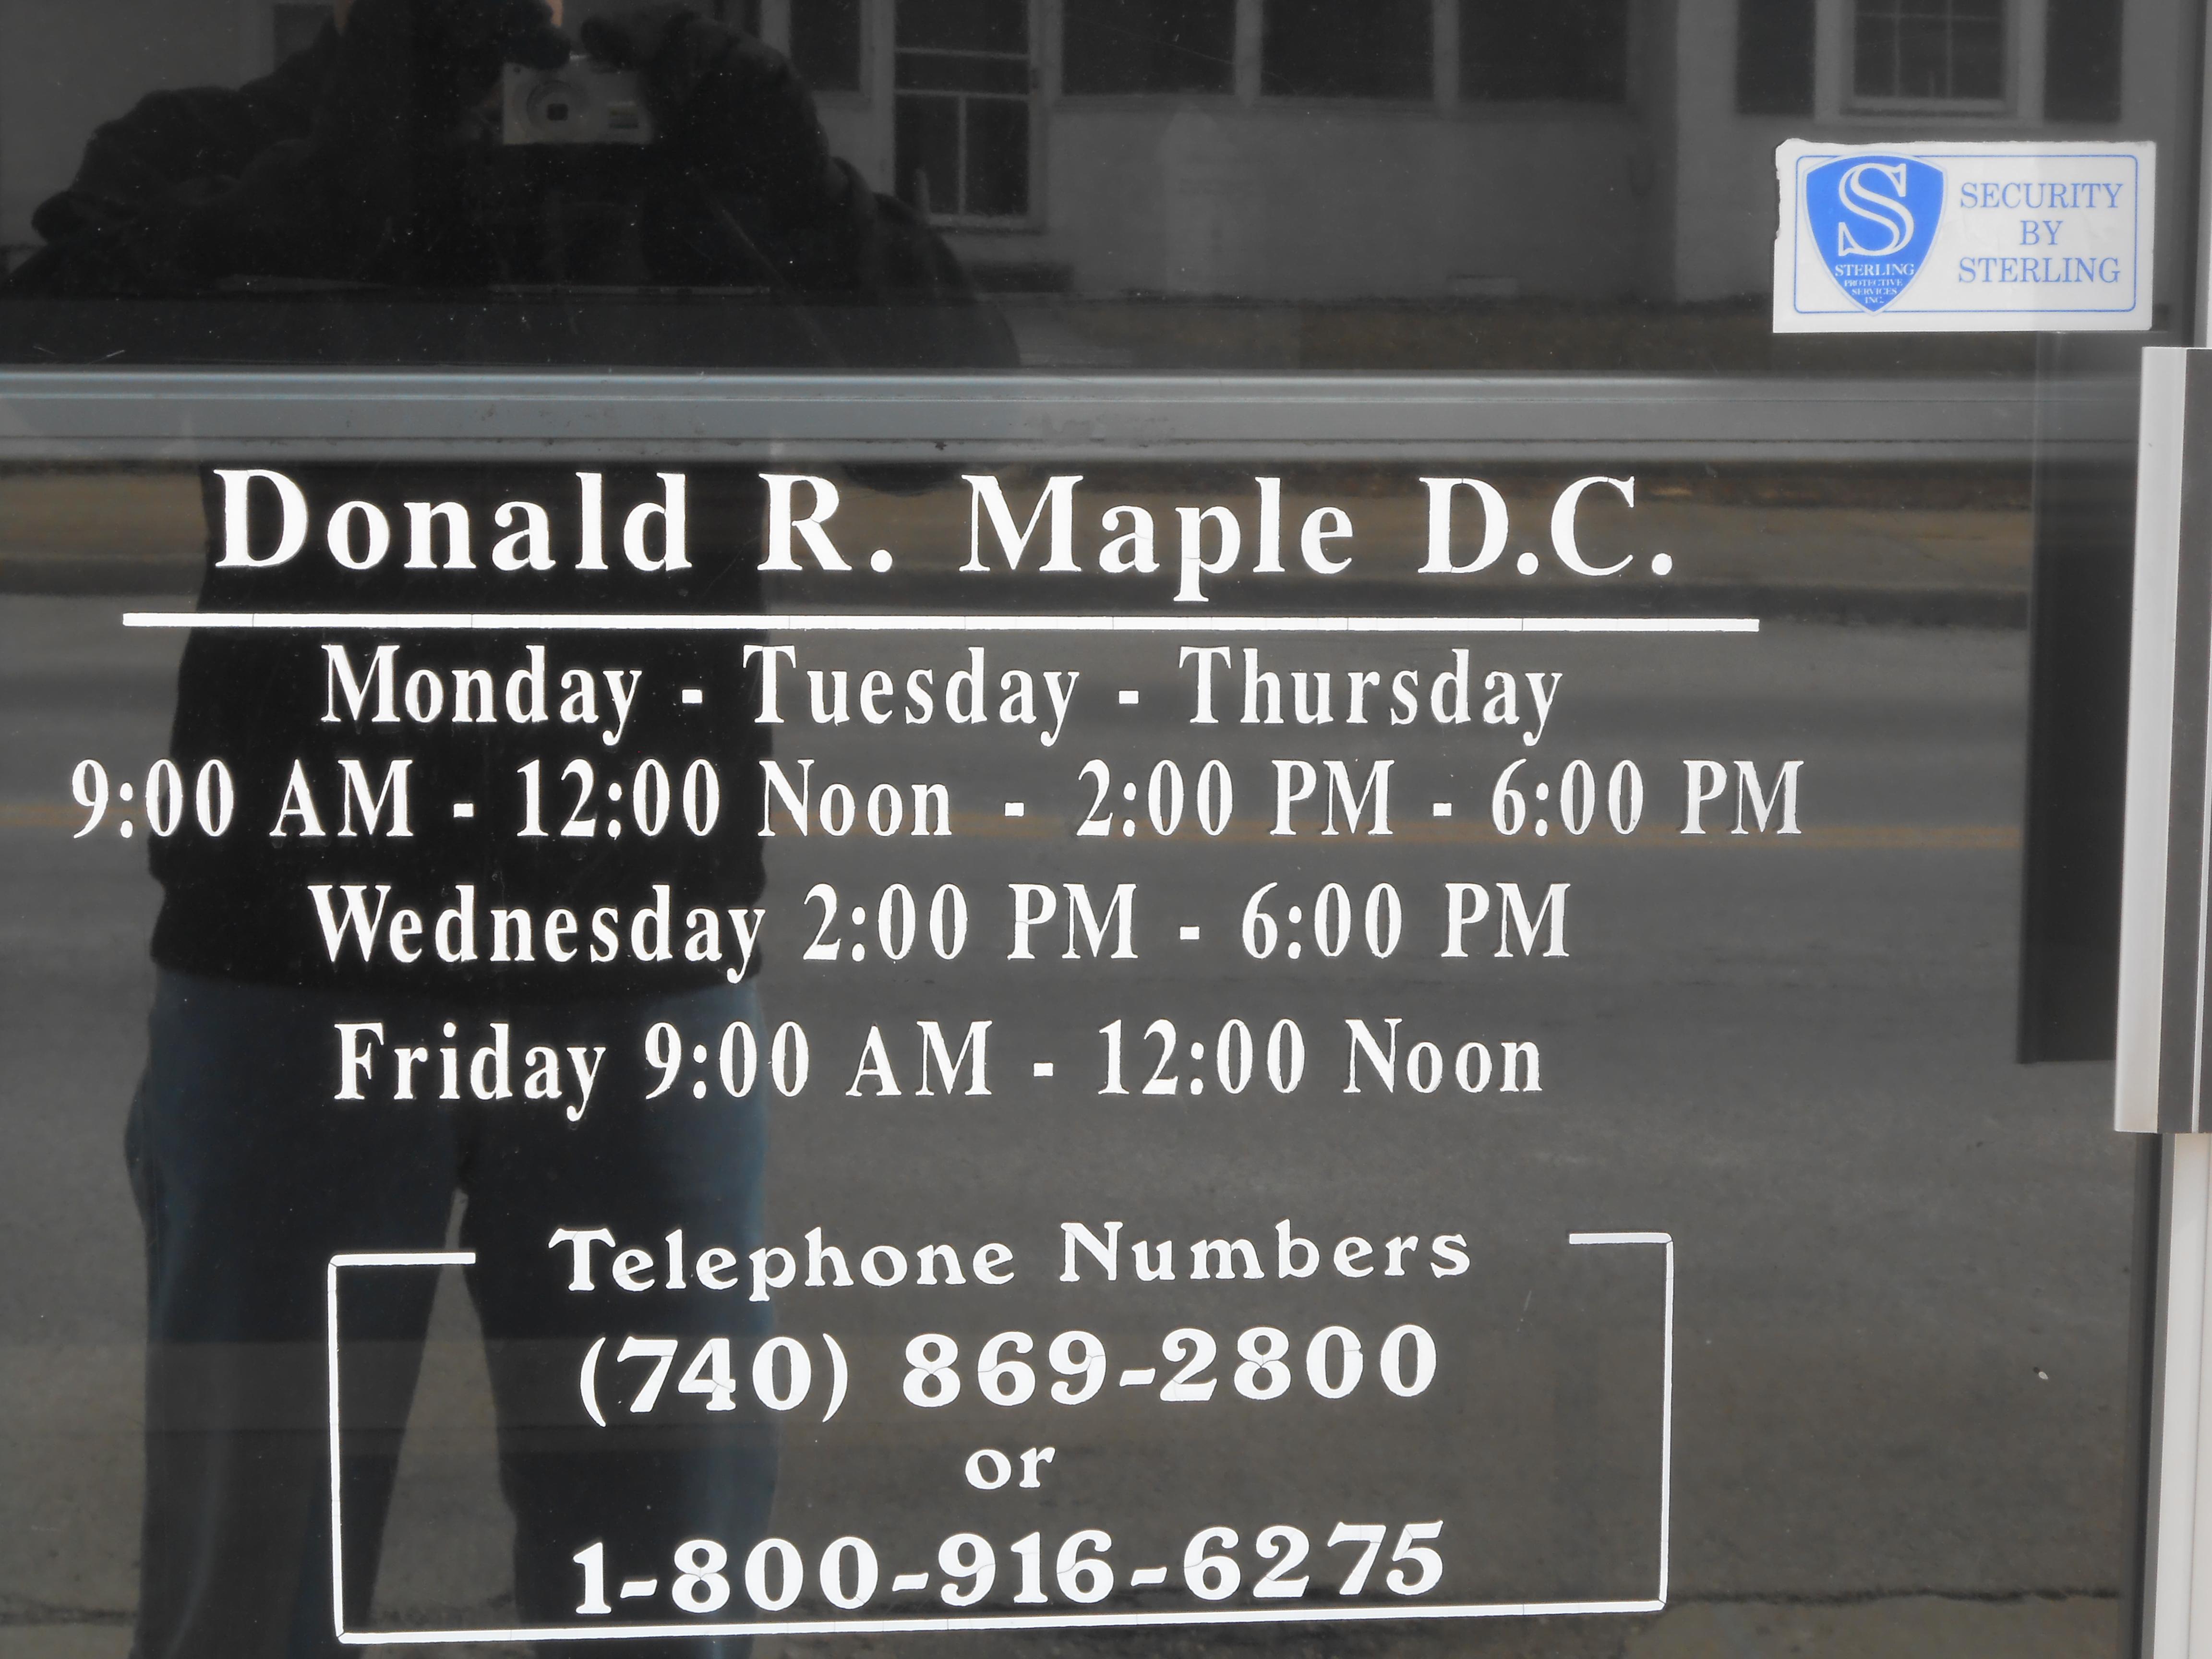 Dr. Donald R. Maple D.C.